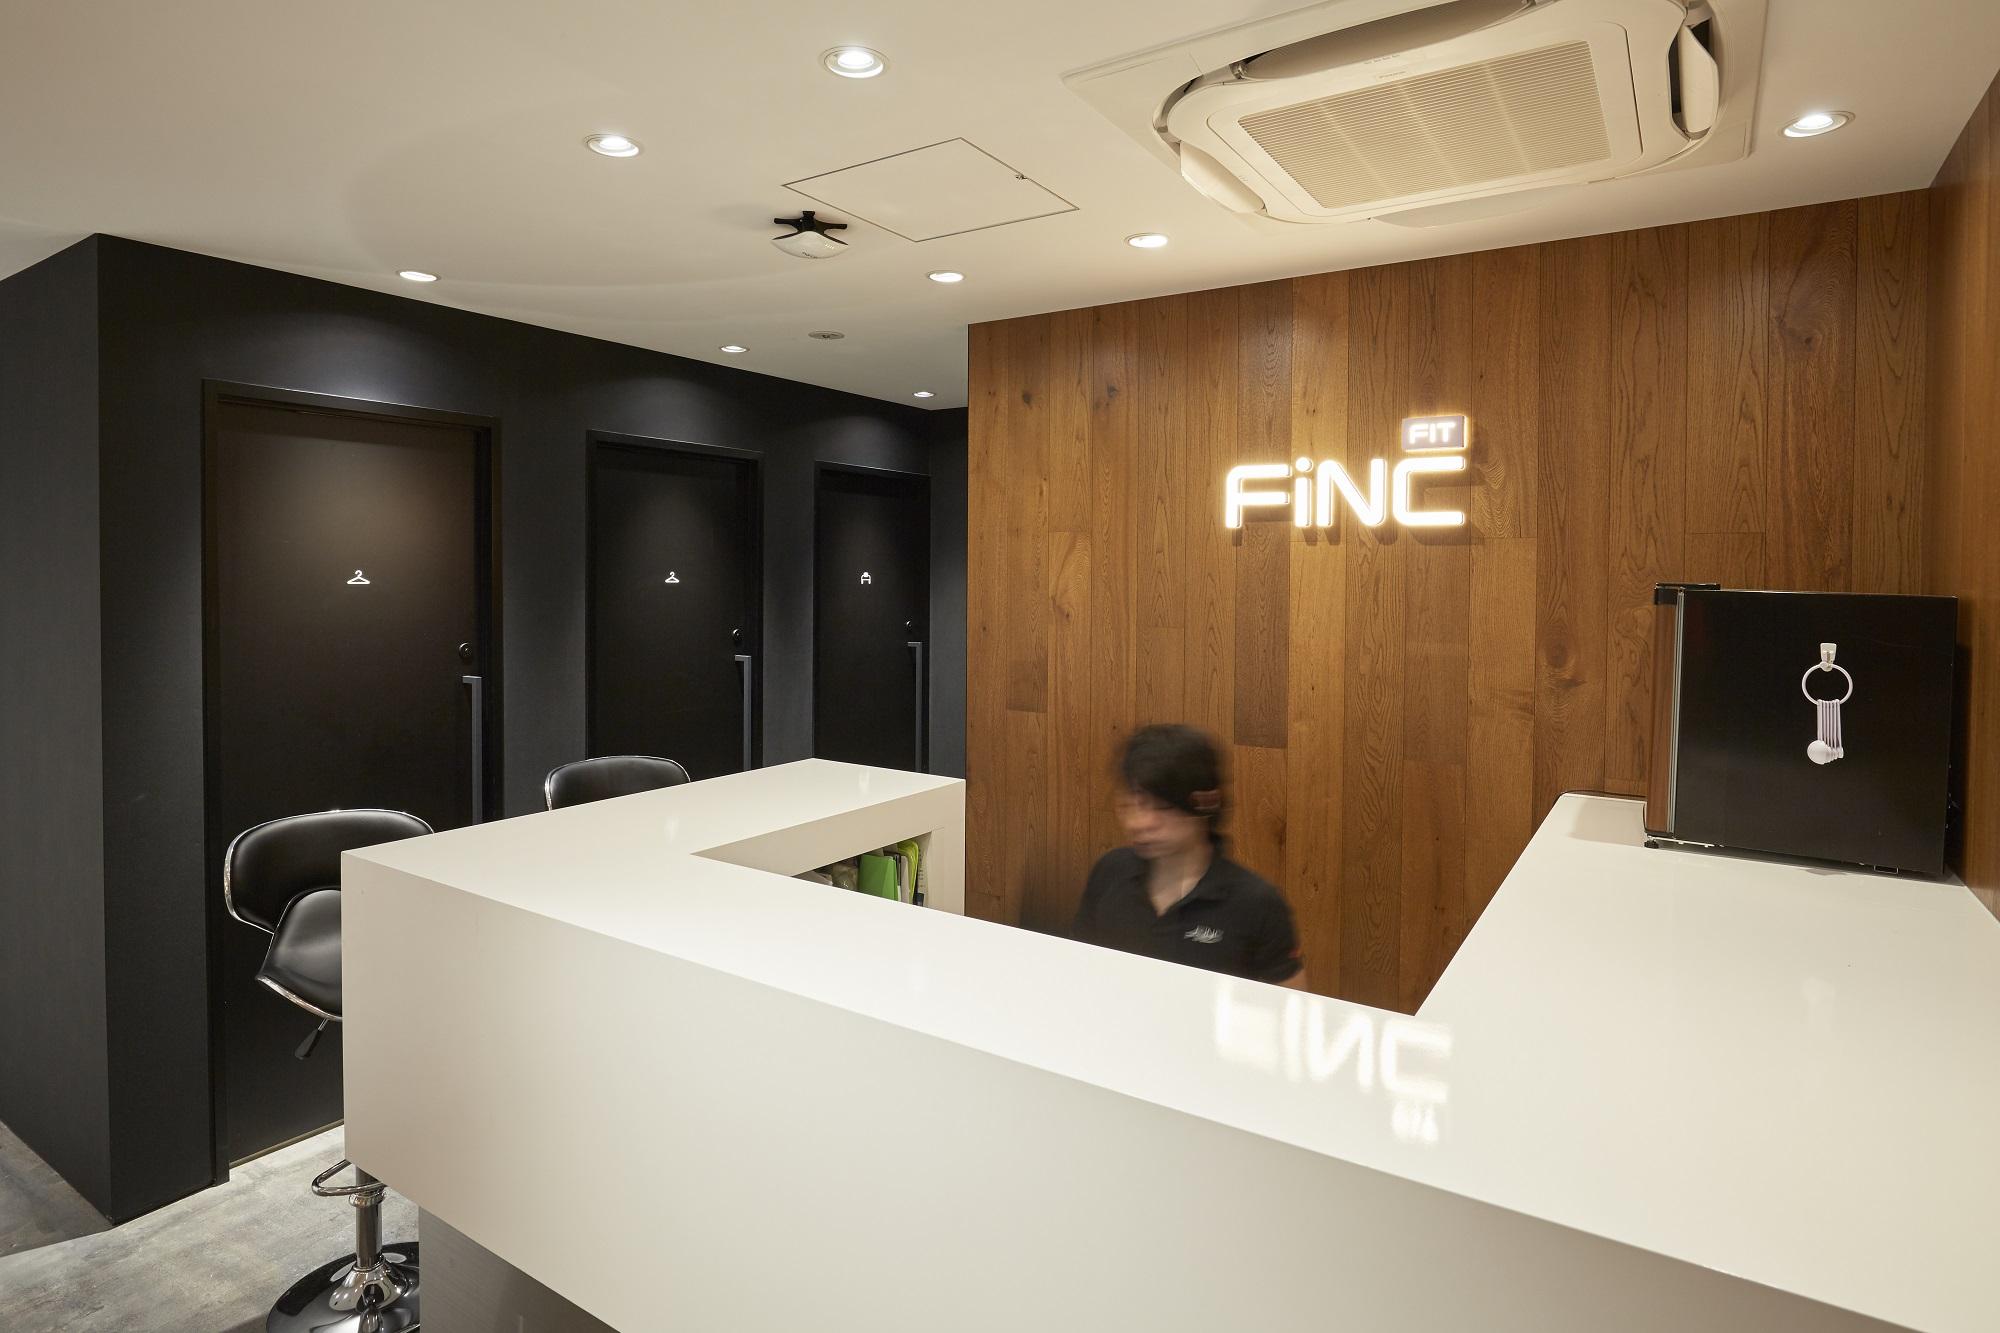 FiNC FIT事例6